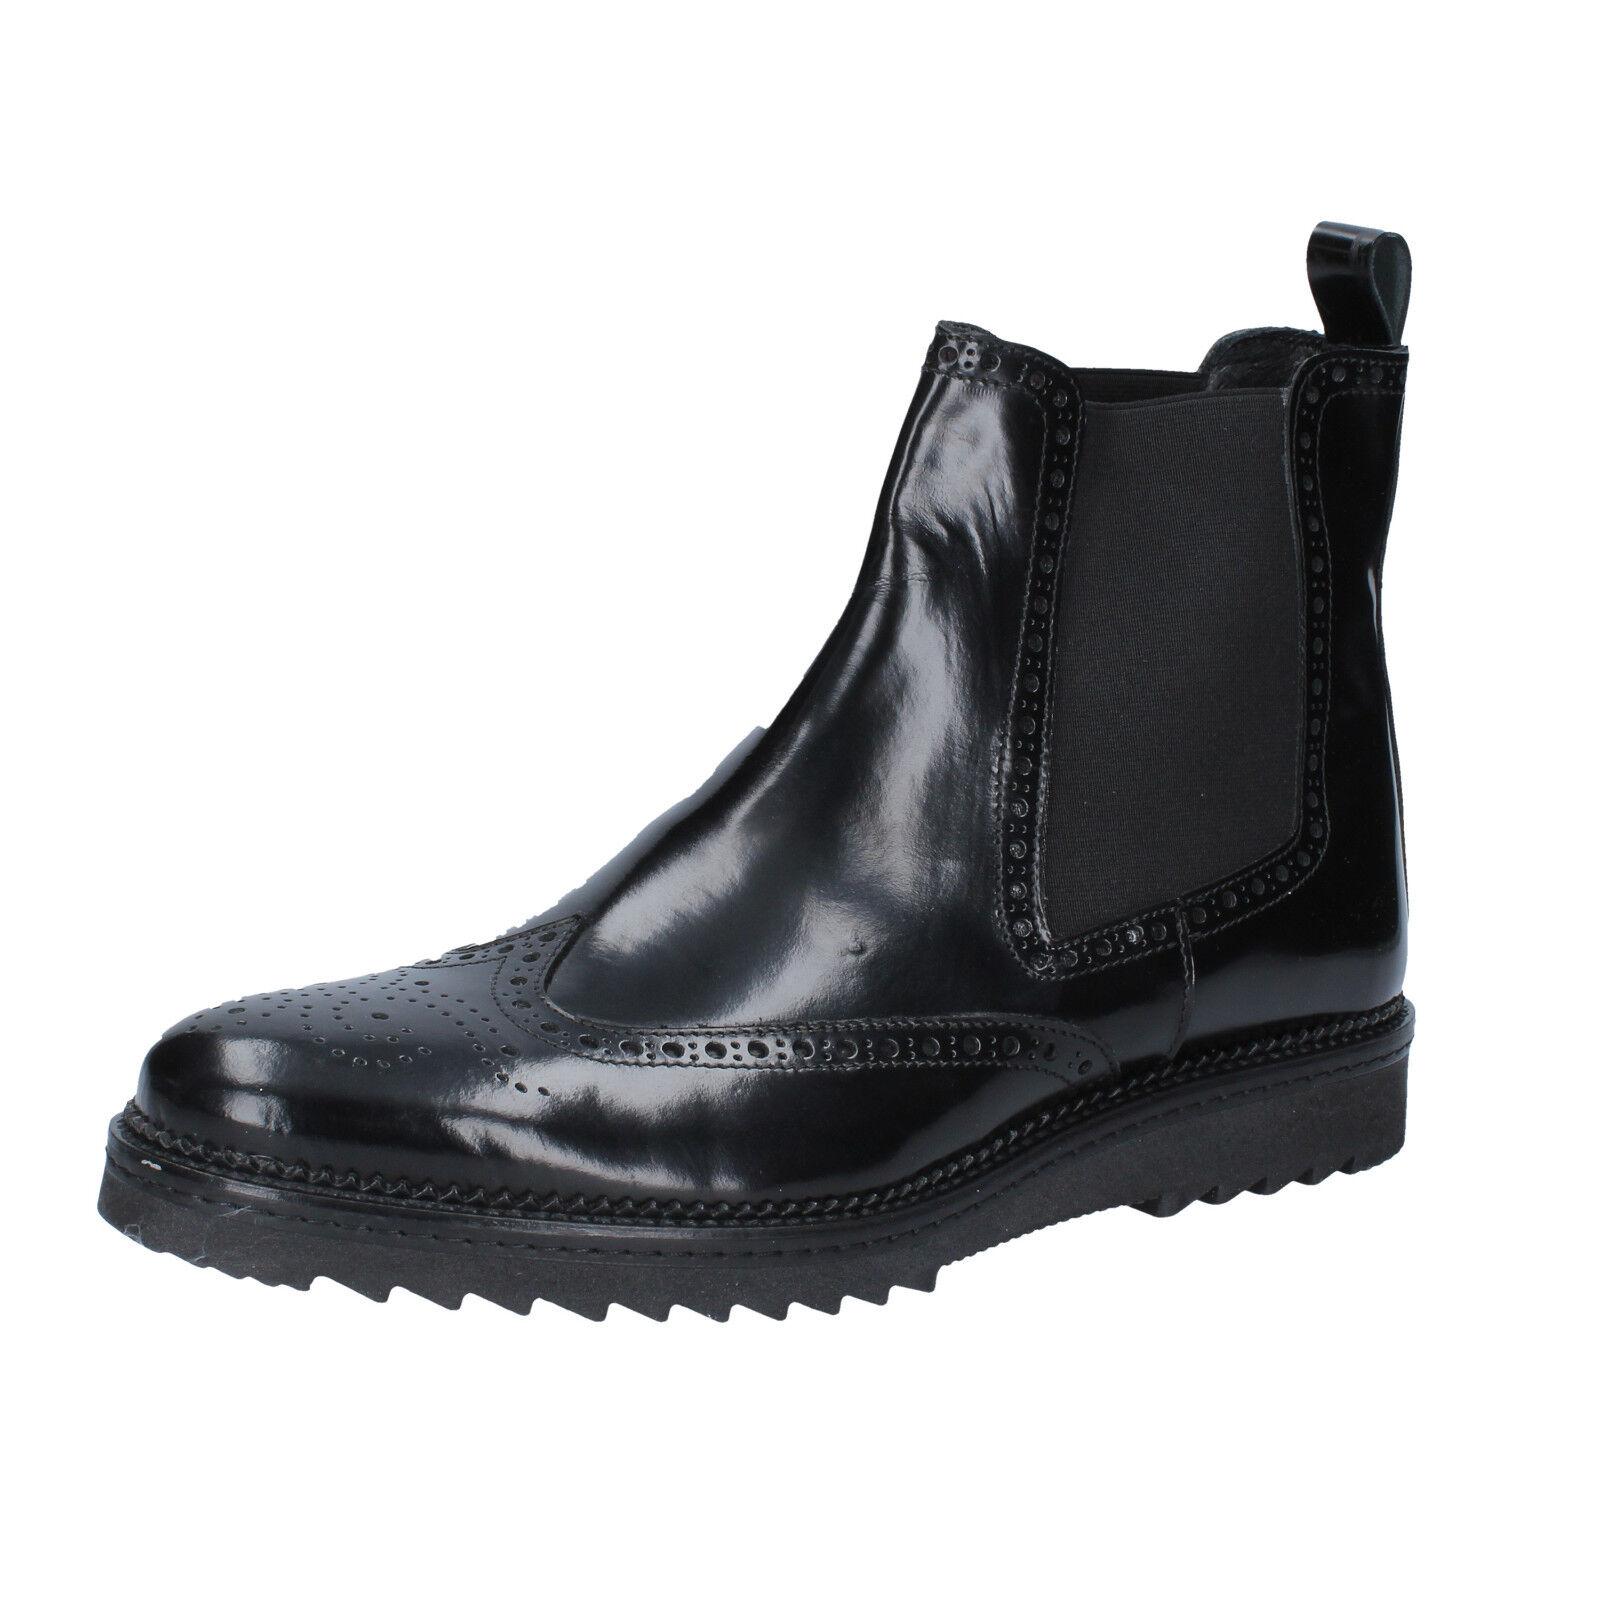 Mens shoes SALVO BARONE 11 (EU 45) ankle boots black shiny leather BZ144-E